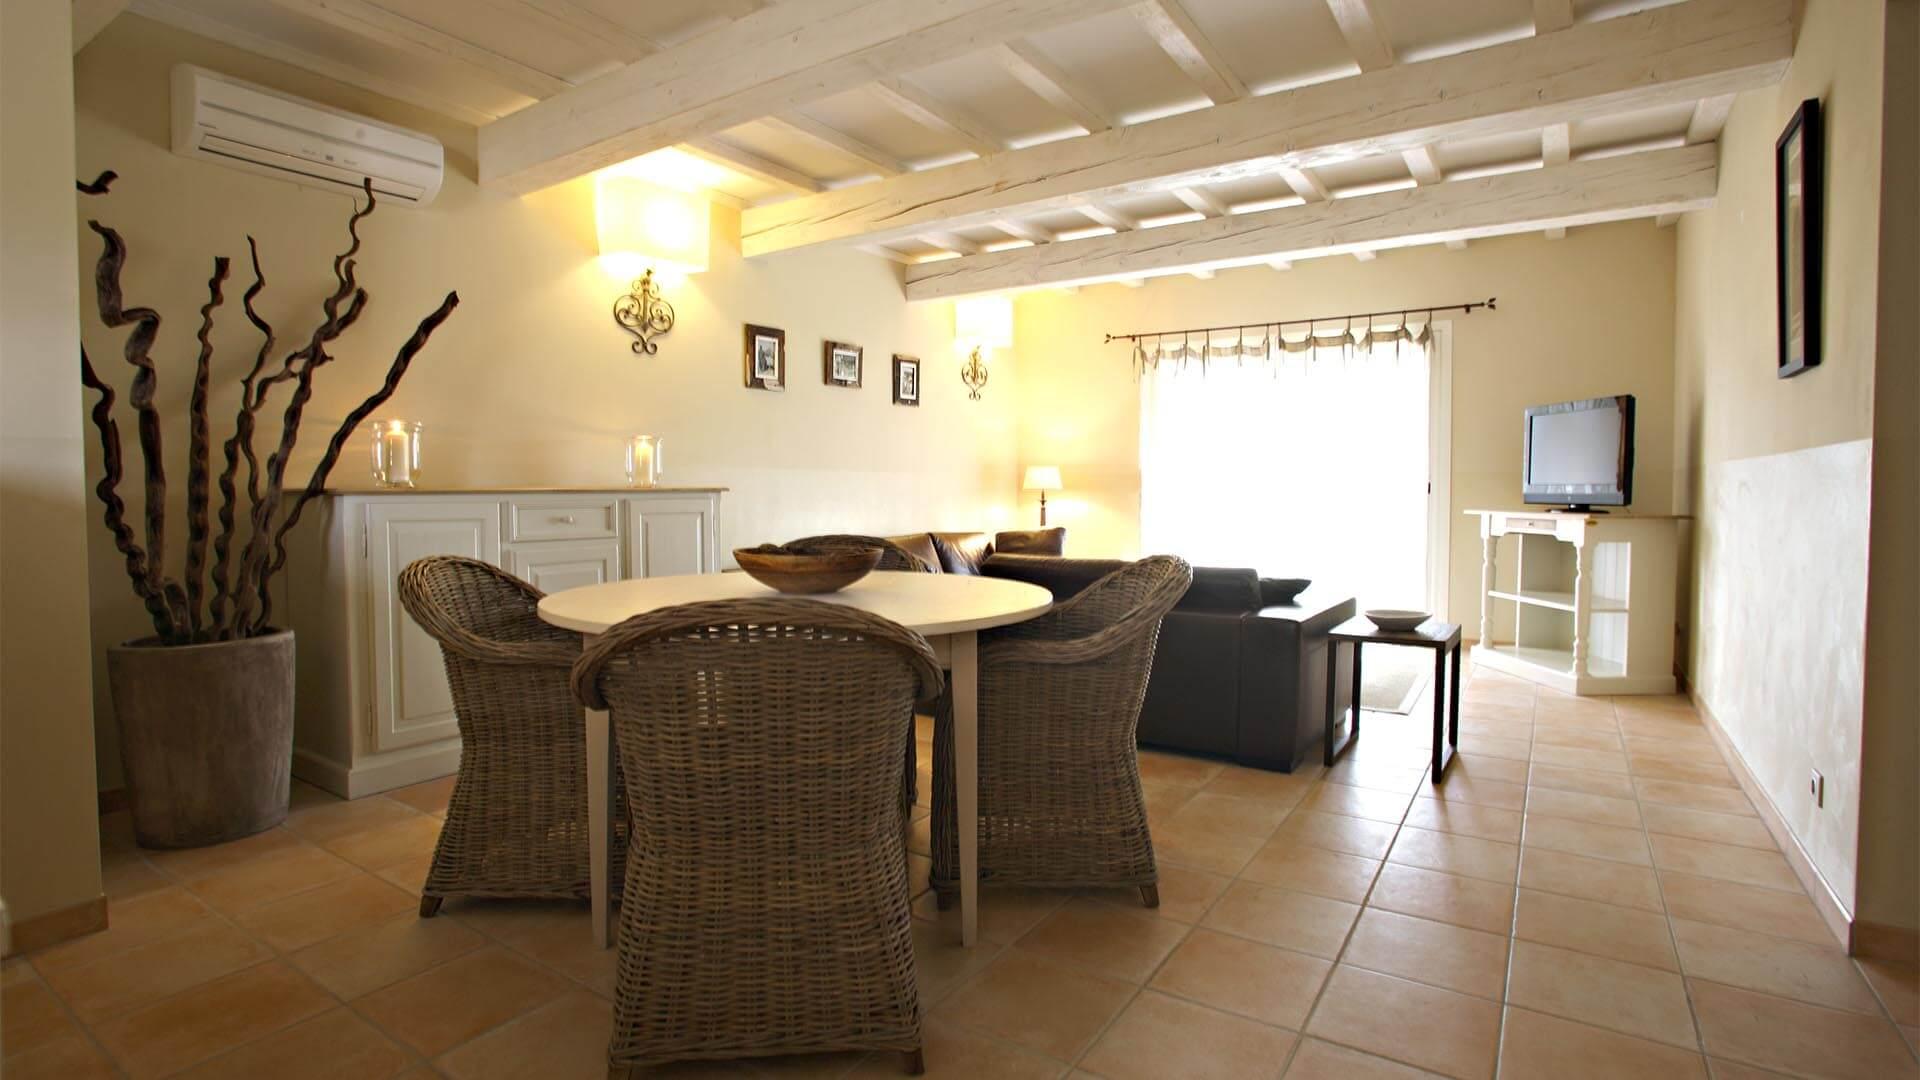 Location vacances Luberon | Villa sous la tonnelle | Salon, salle à manger avec climatisation